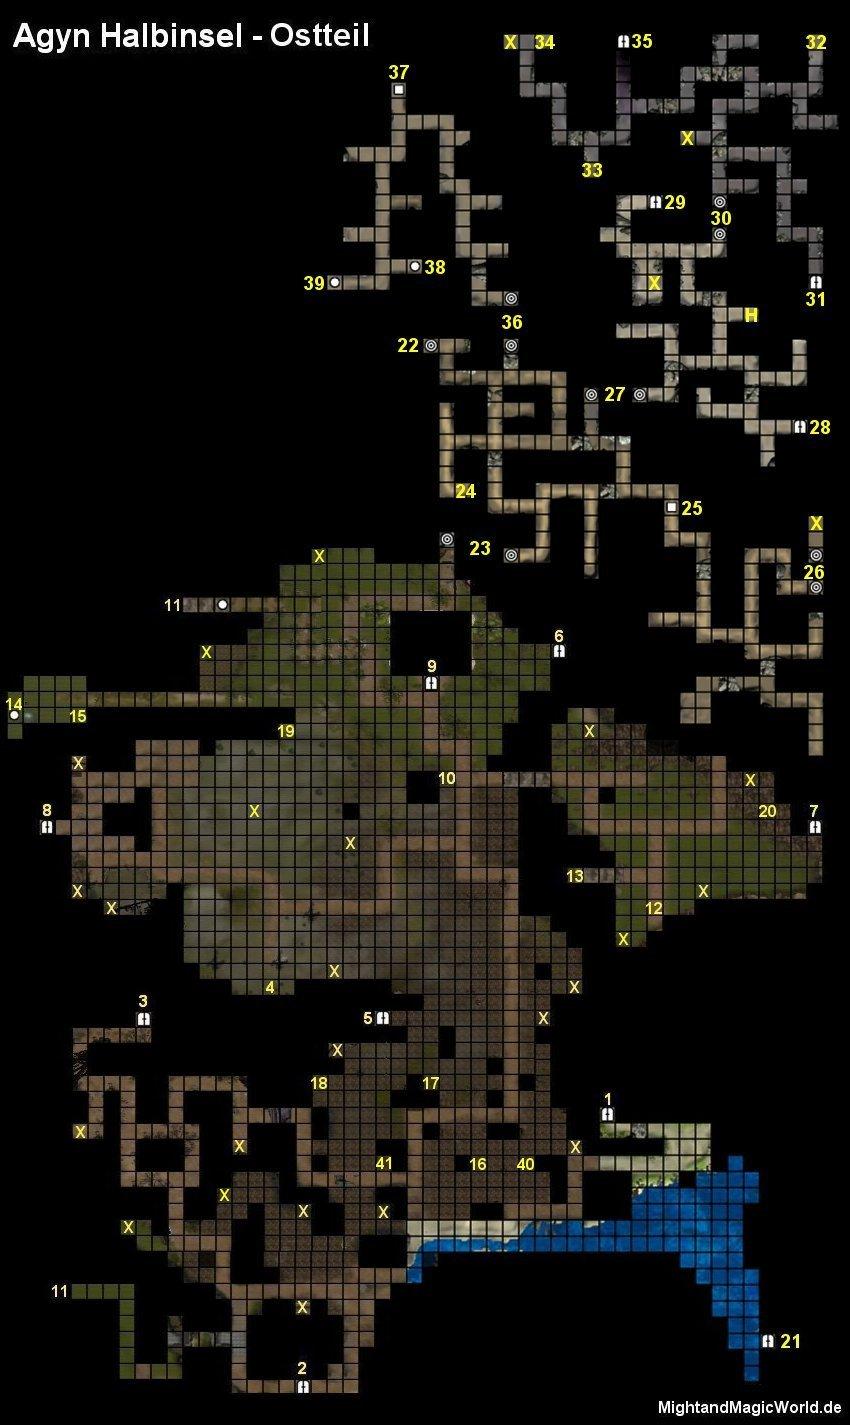 Map der Agyn Halbinsel - Ostteil